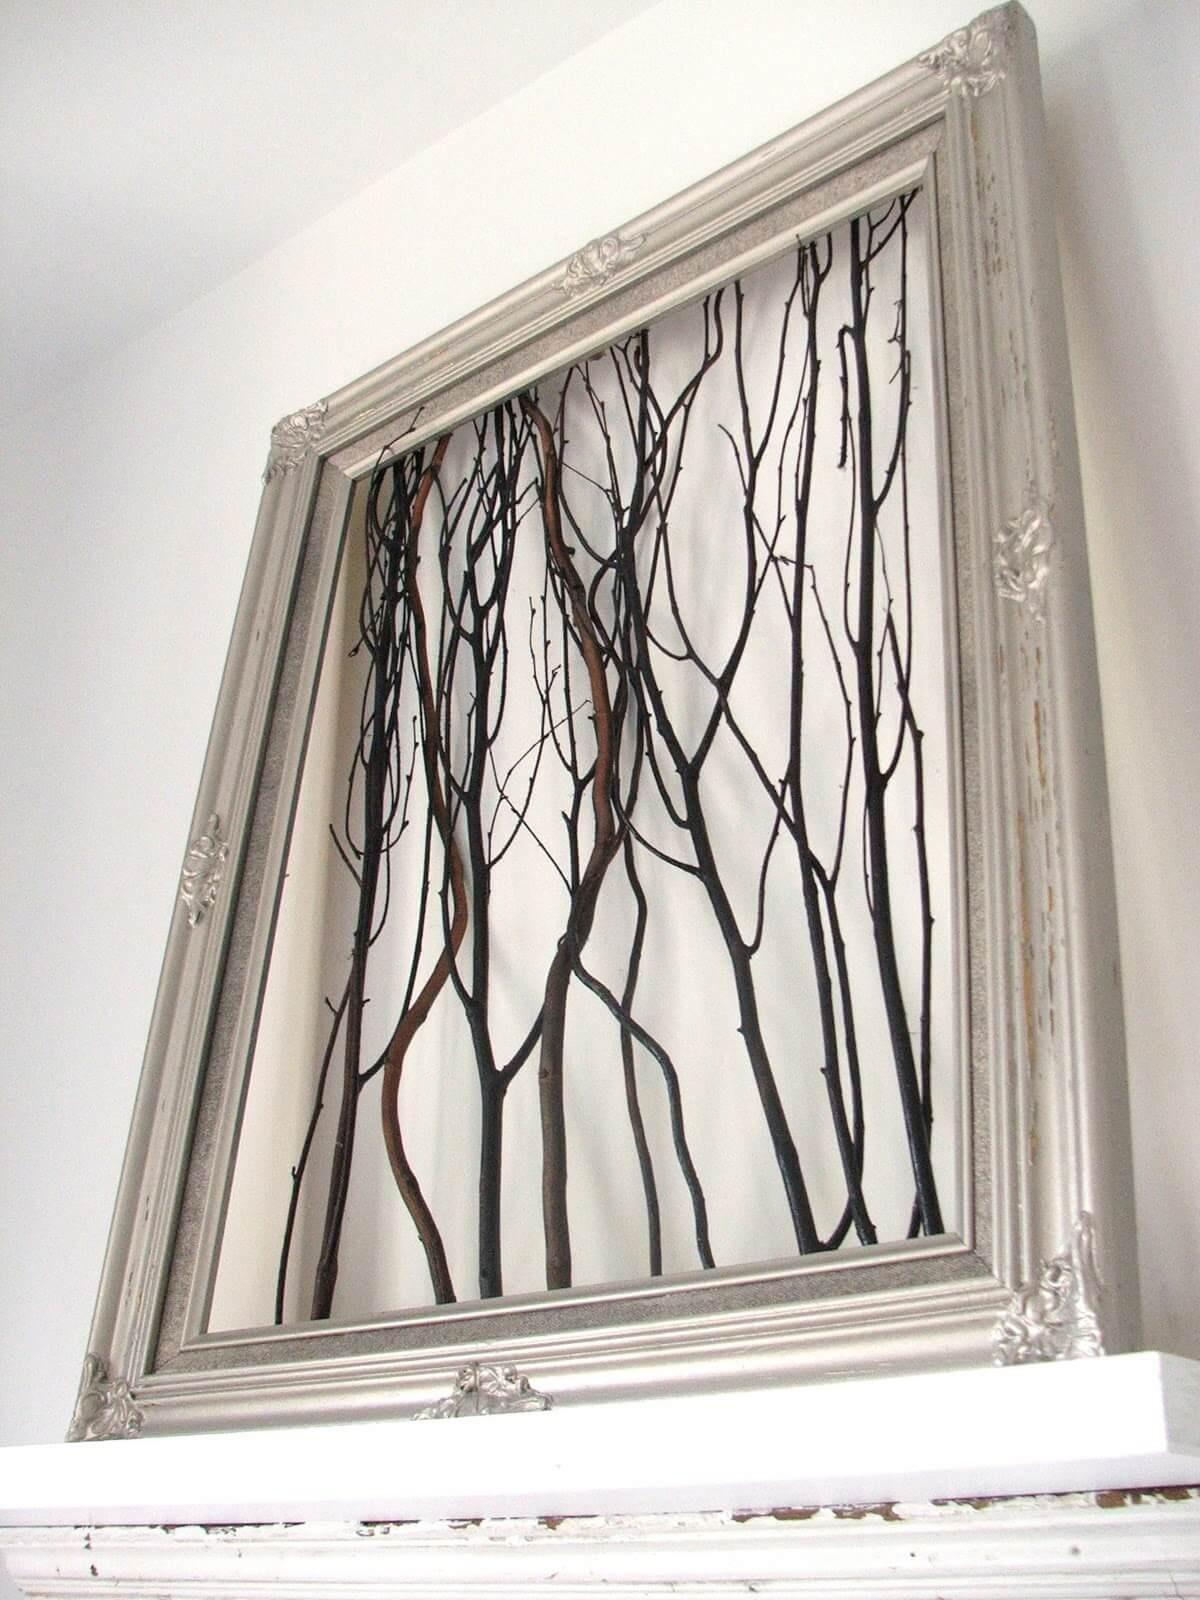 Идеи для дерева на стене в интерьере помещения: объемное или нарисованное пошагово